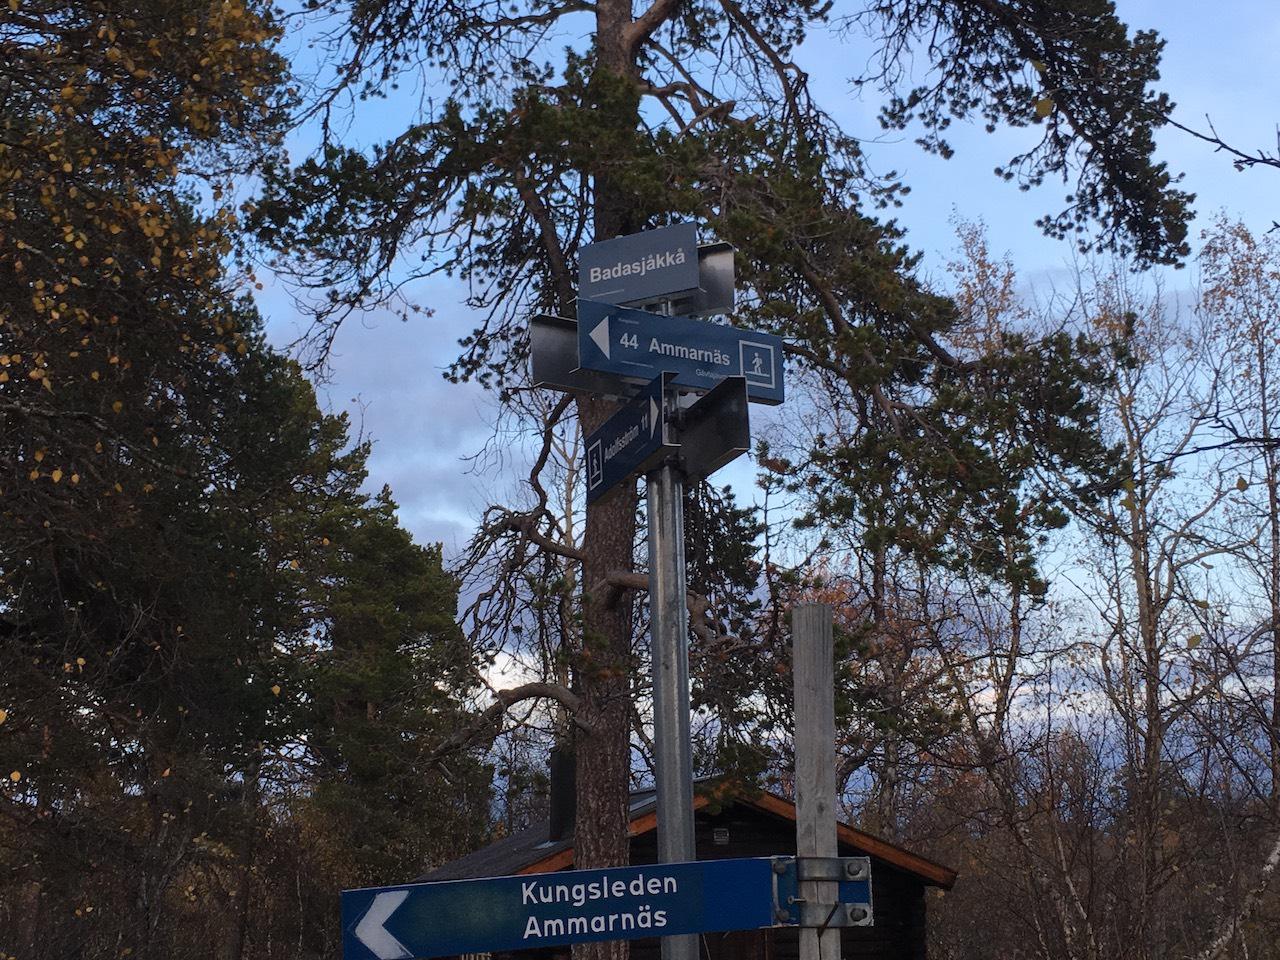 Kungsleden Trail Signs